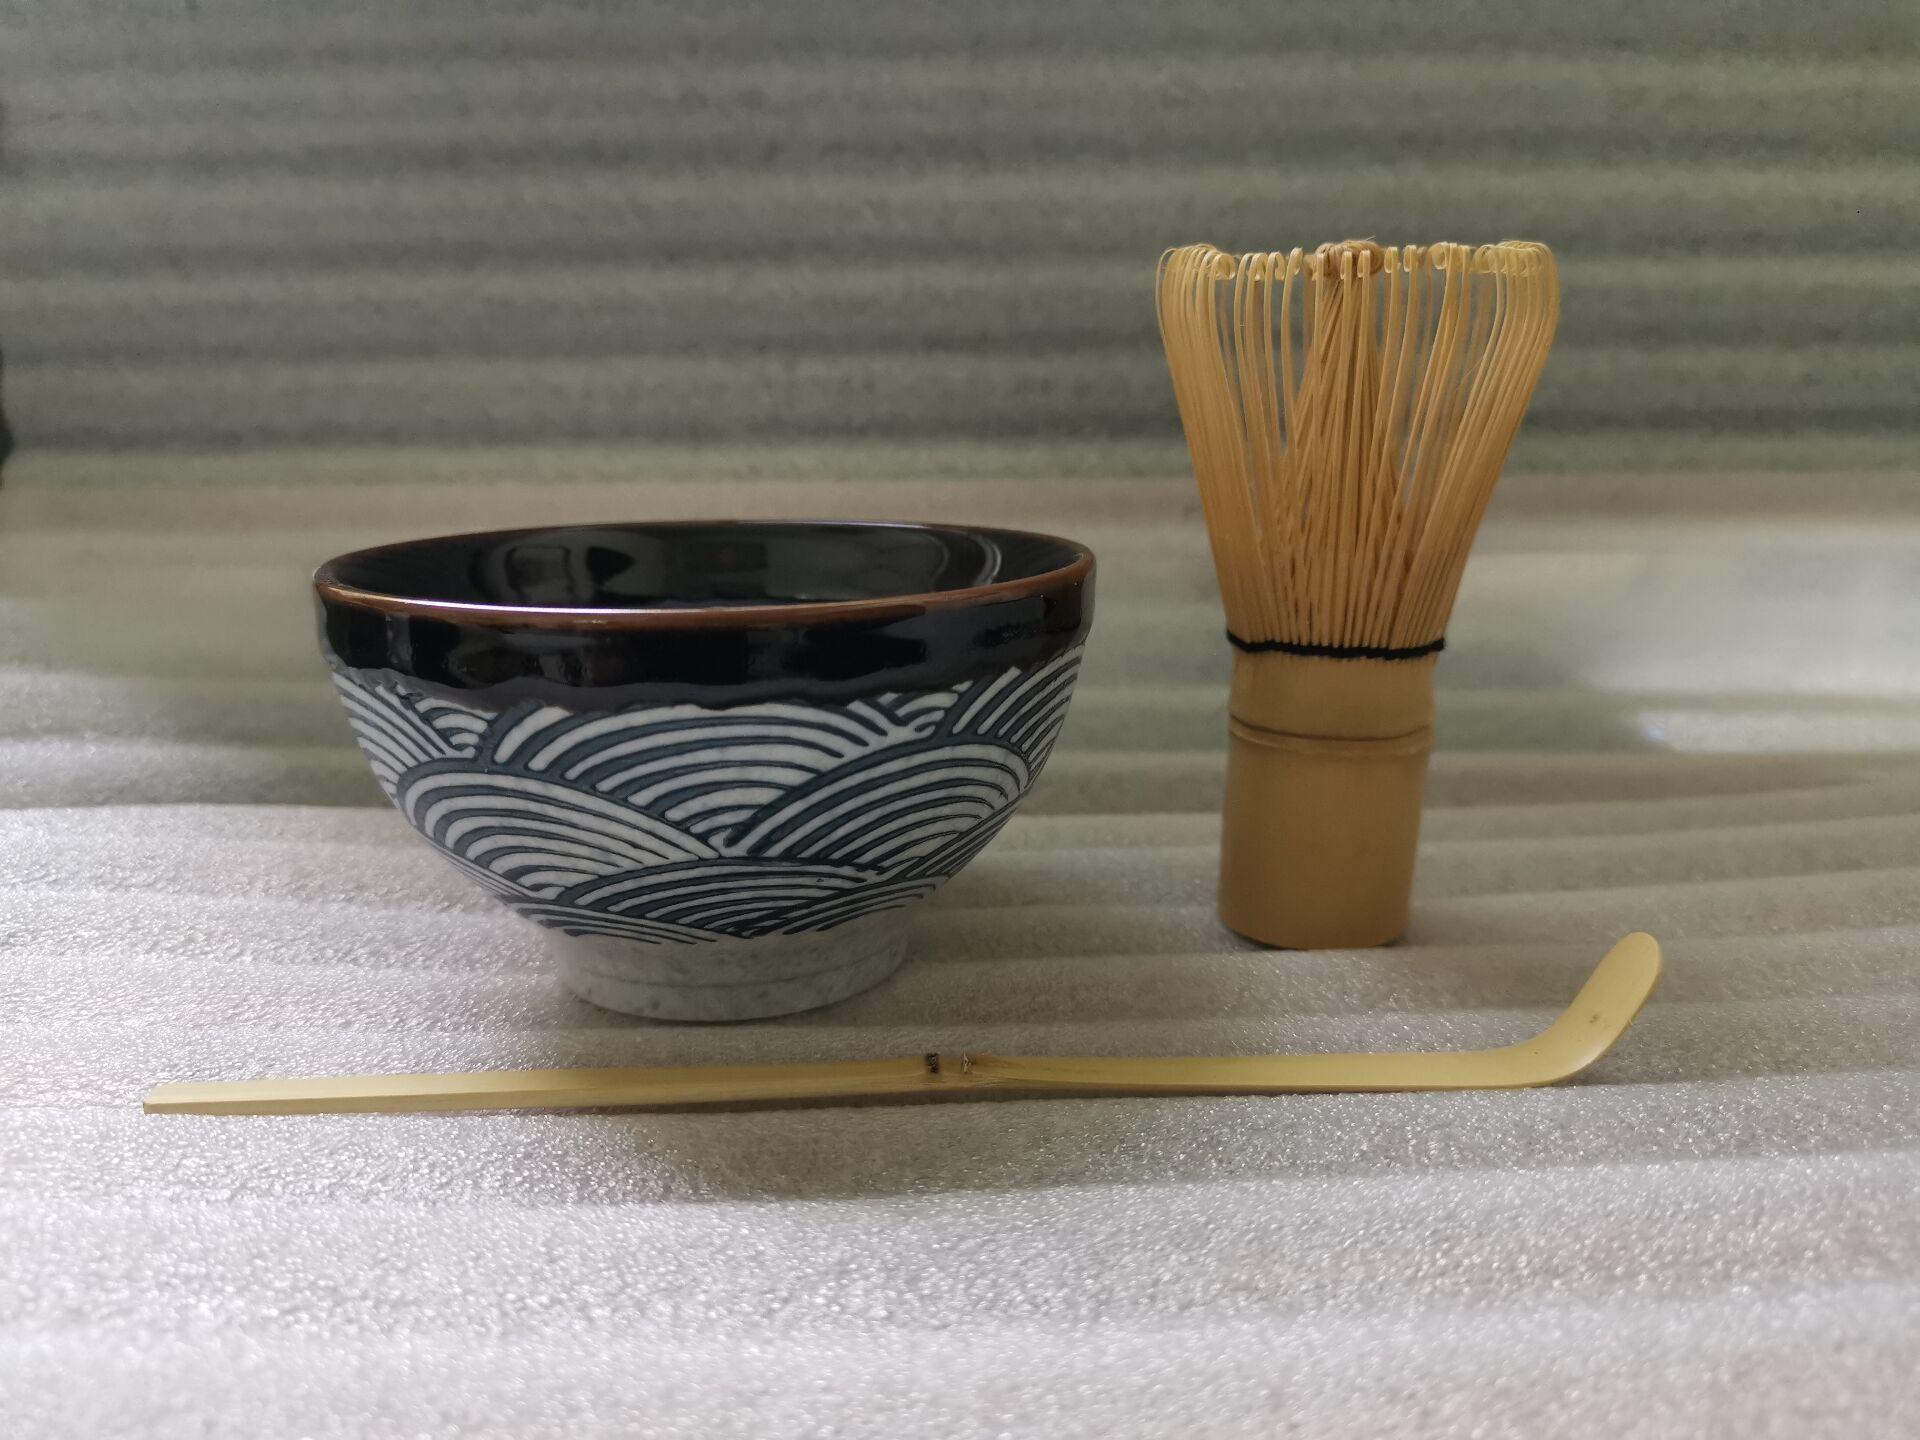 السيراميك ماتشا مجموعات الطبيعية الخيزران ماتشا خفقت السيراميك ماتشا السلطانية خفقت حامل أطقم شاي اليابانية